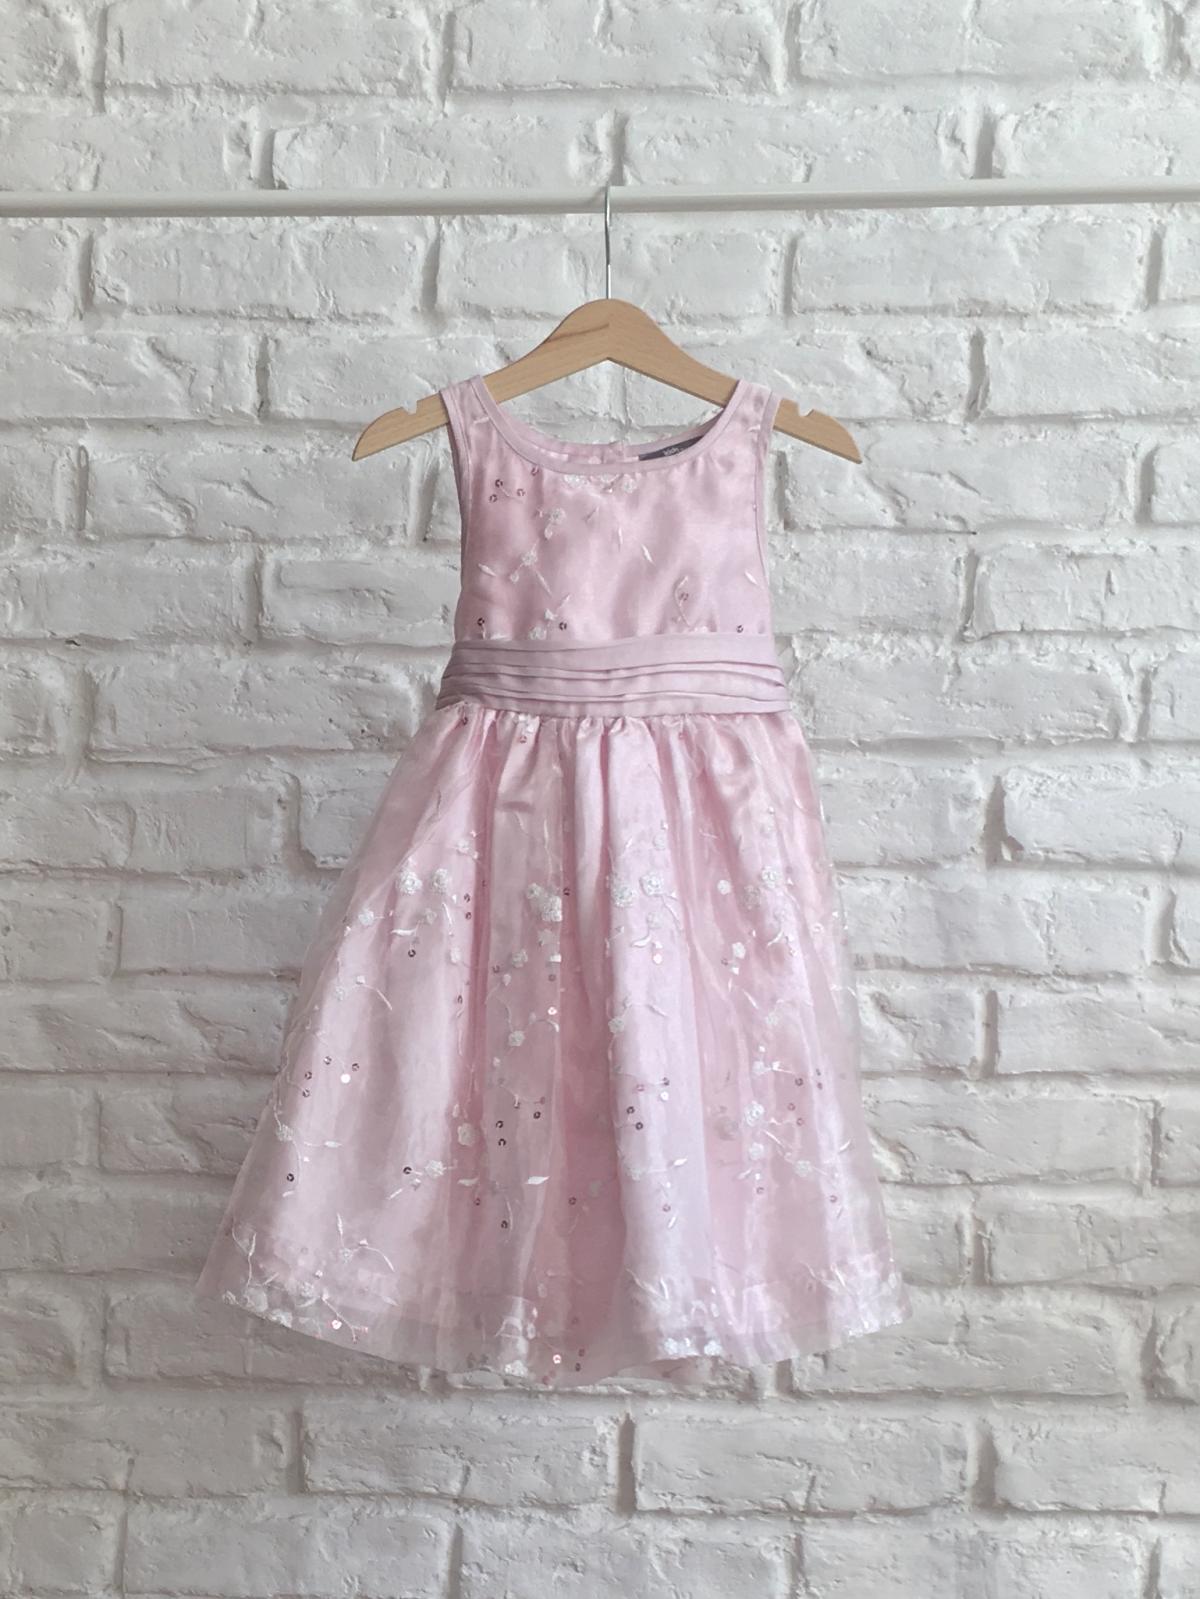 36d69c5475 Ružové dievčenské šaty - Bazár Veronika - Morský Koník